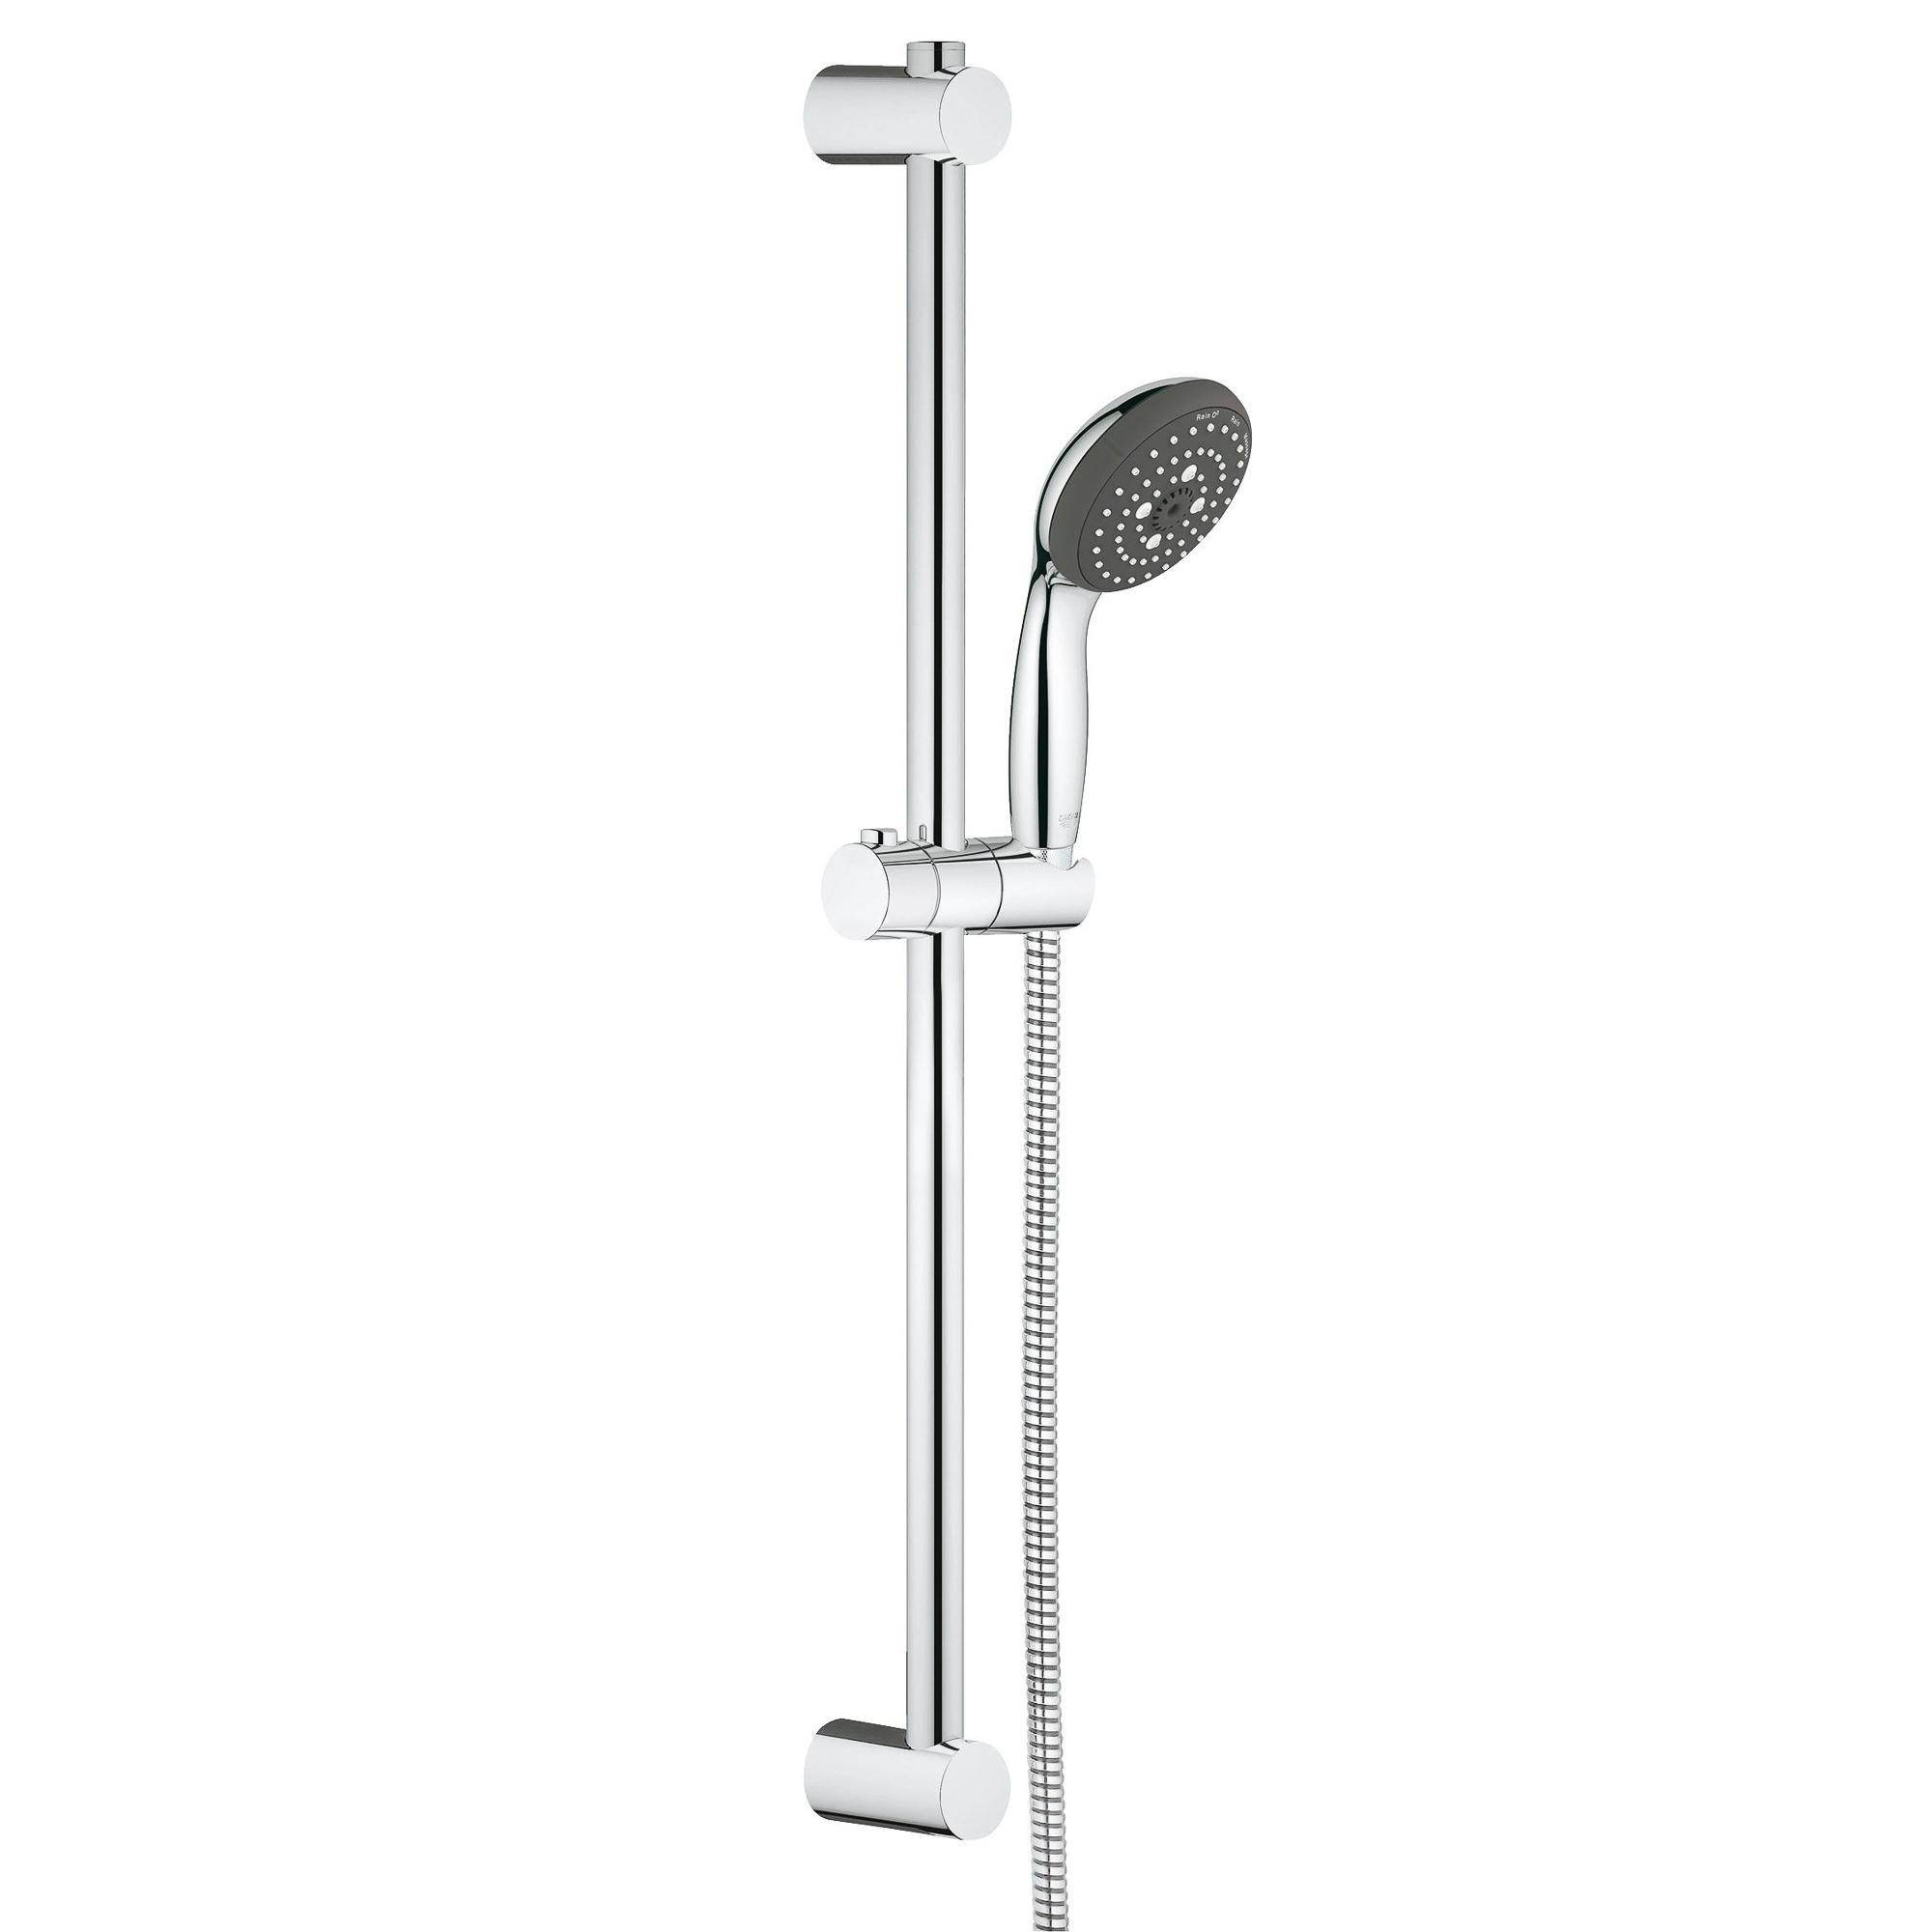 Купить Душевой гарнитур GROHE Vitalio Start 100 III 600 мм, 9, 5 л (26032000), ручной душ, Германия, пластик, покрытие хром